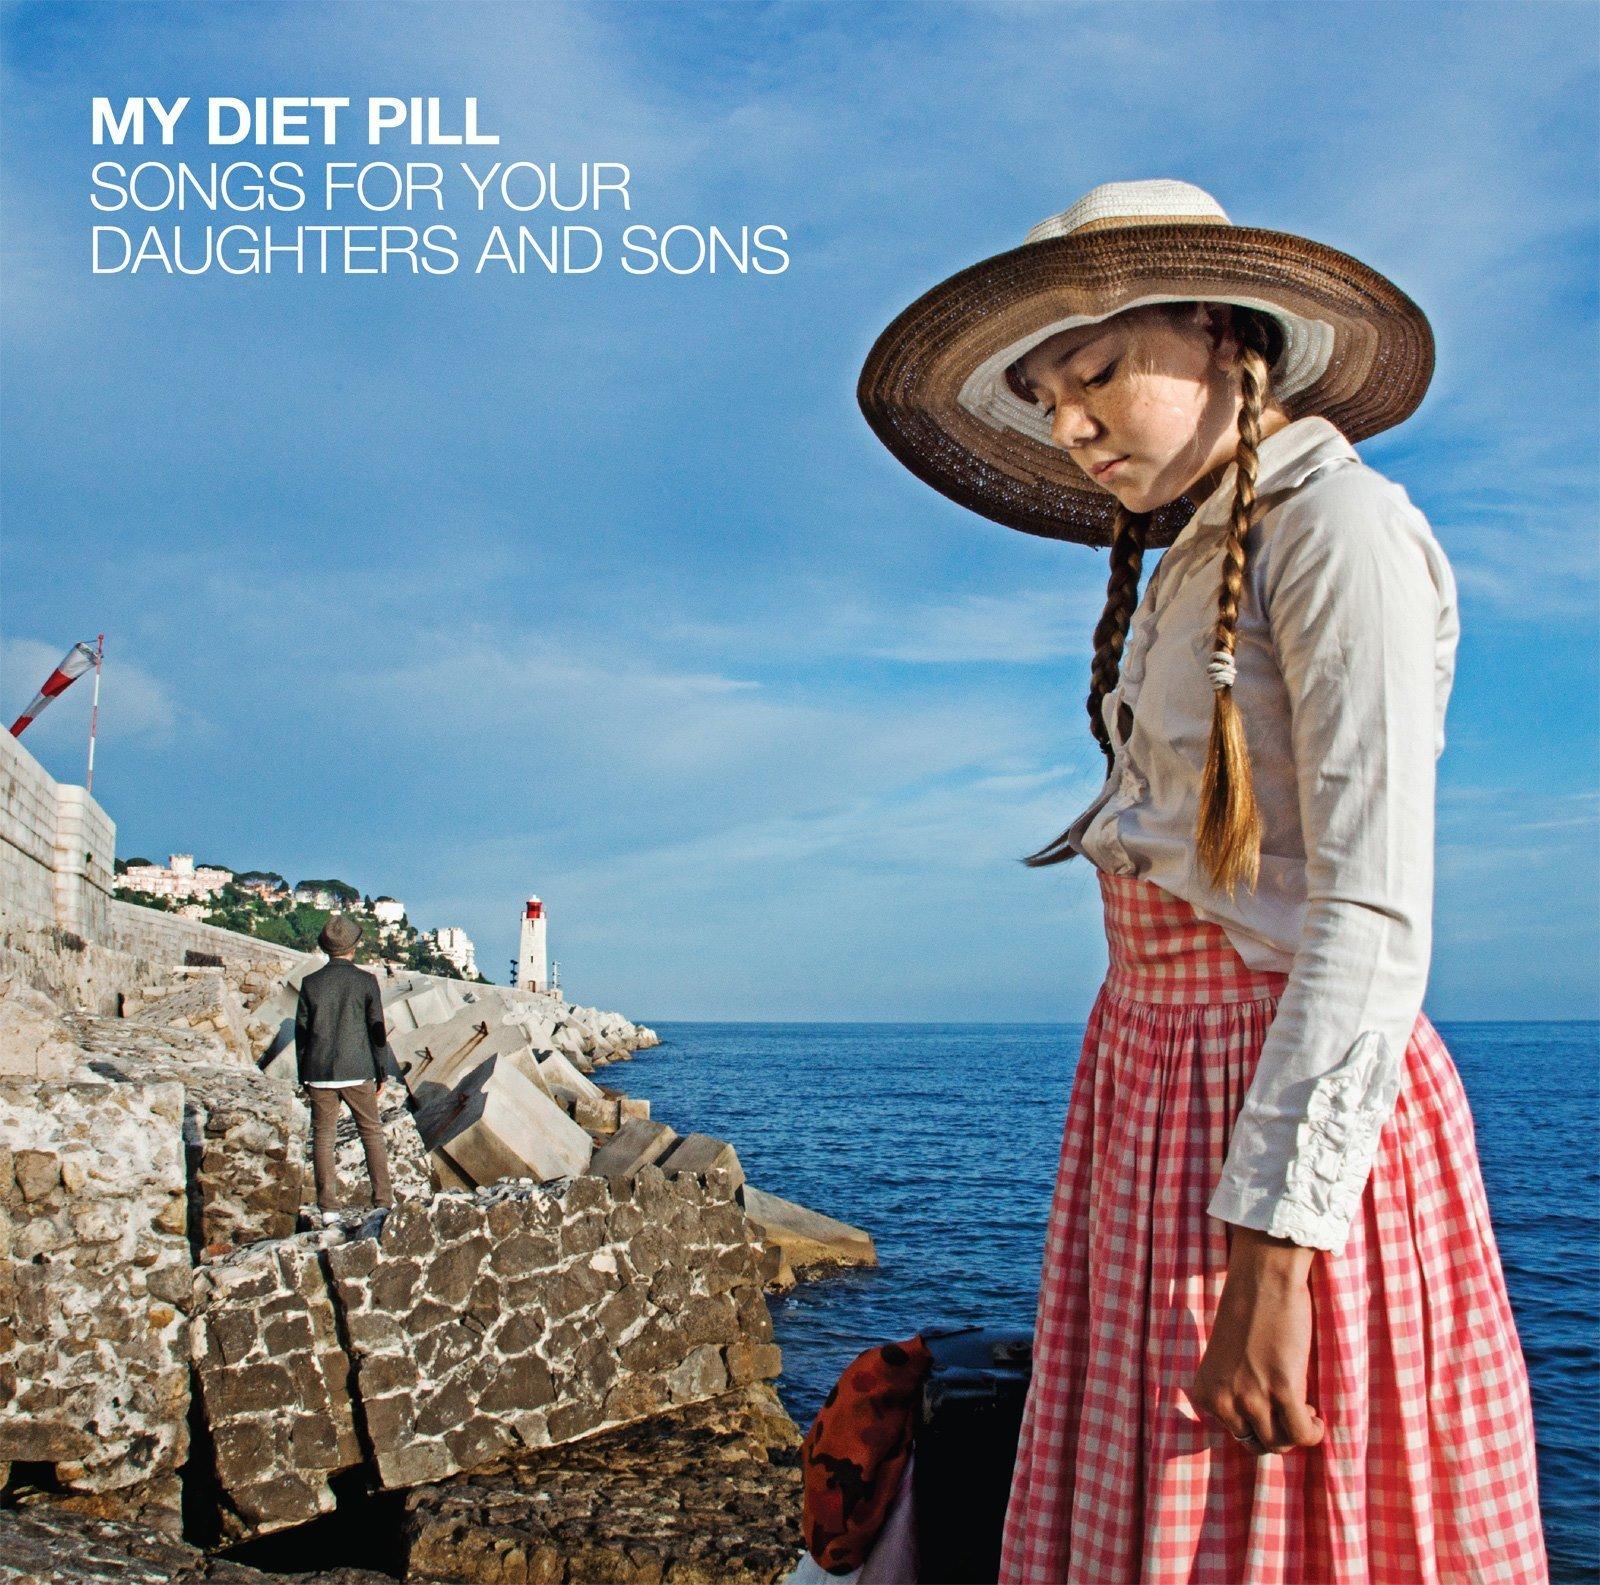 Visuel pour la pochette album CD/Vinyle My Diet Pill + livret photo à l'intérieur